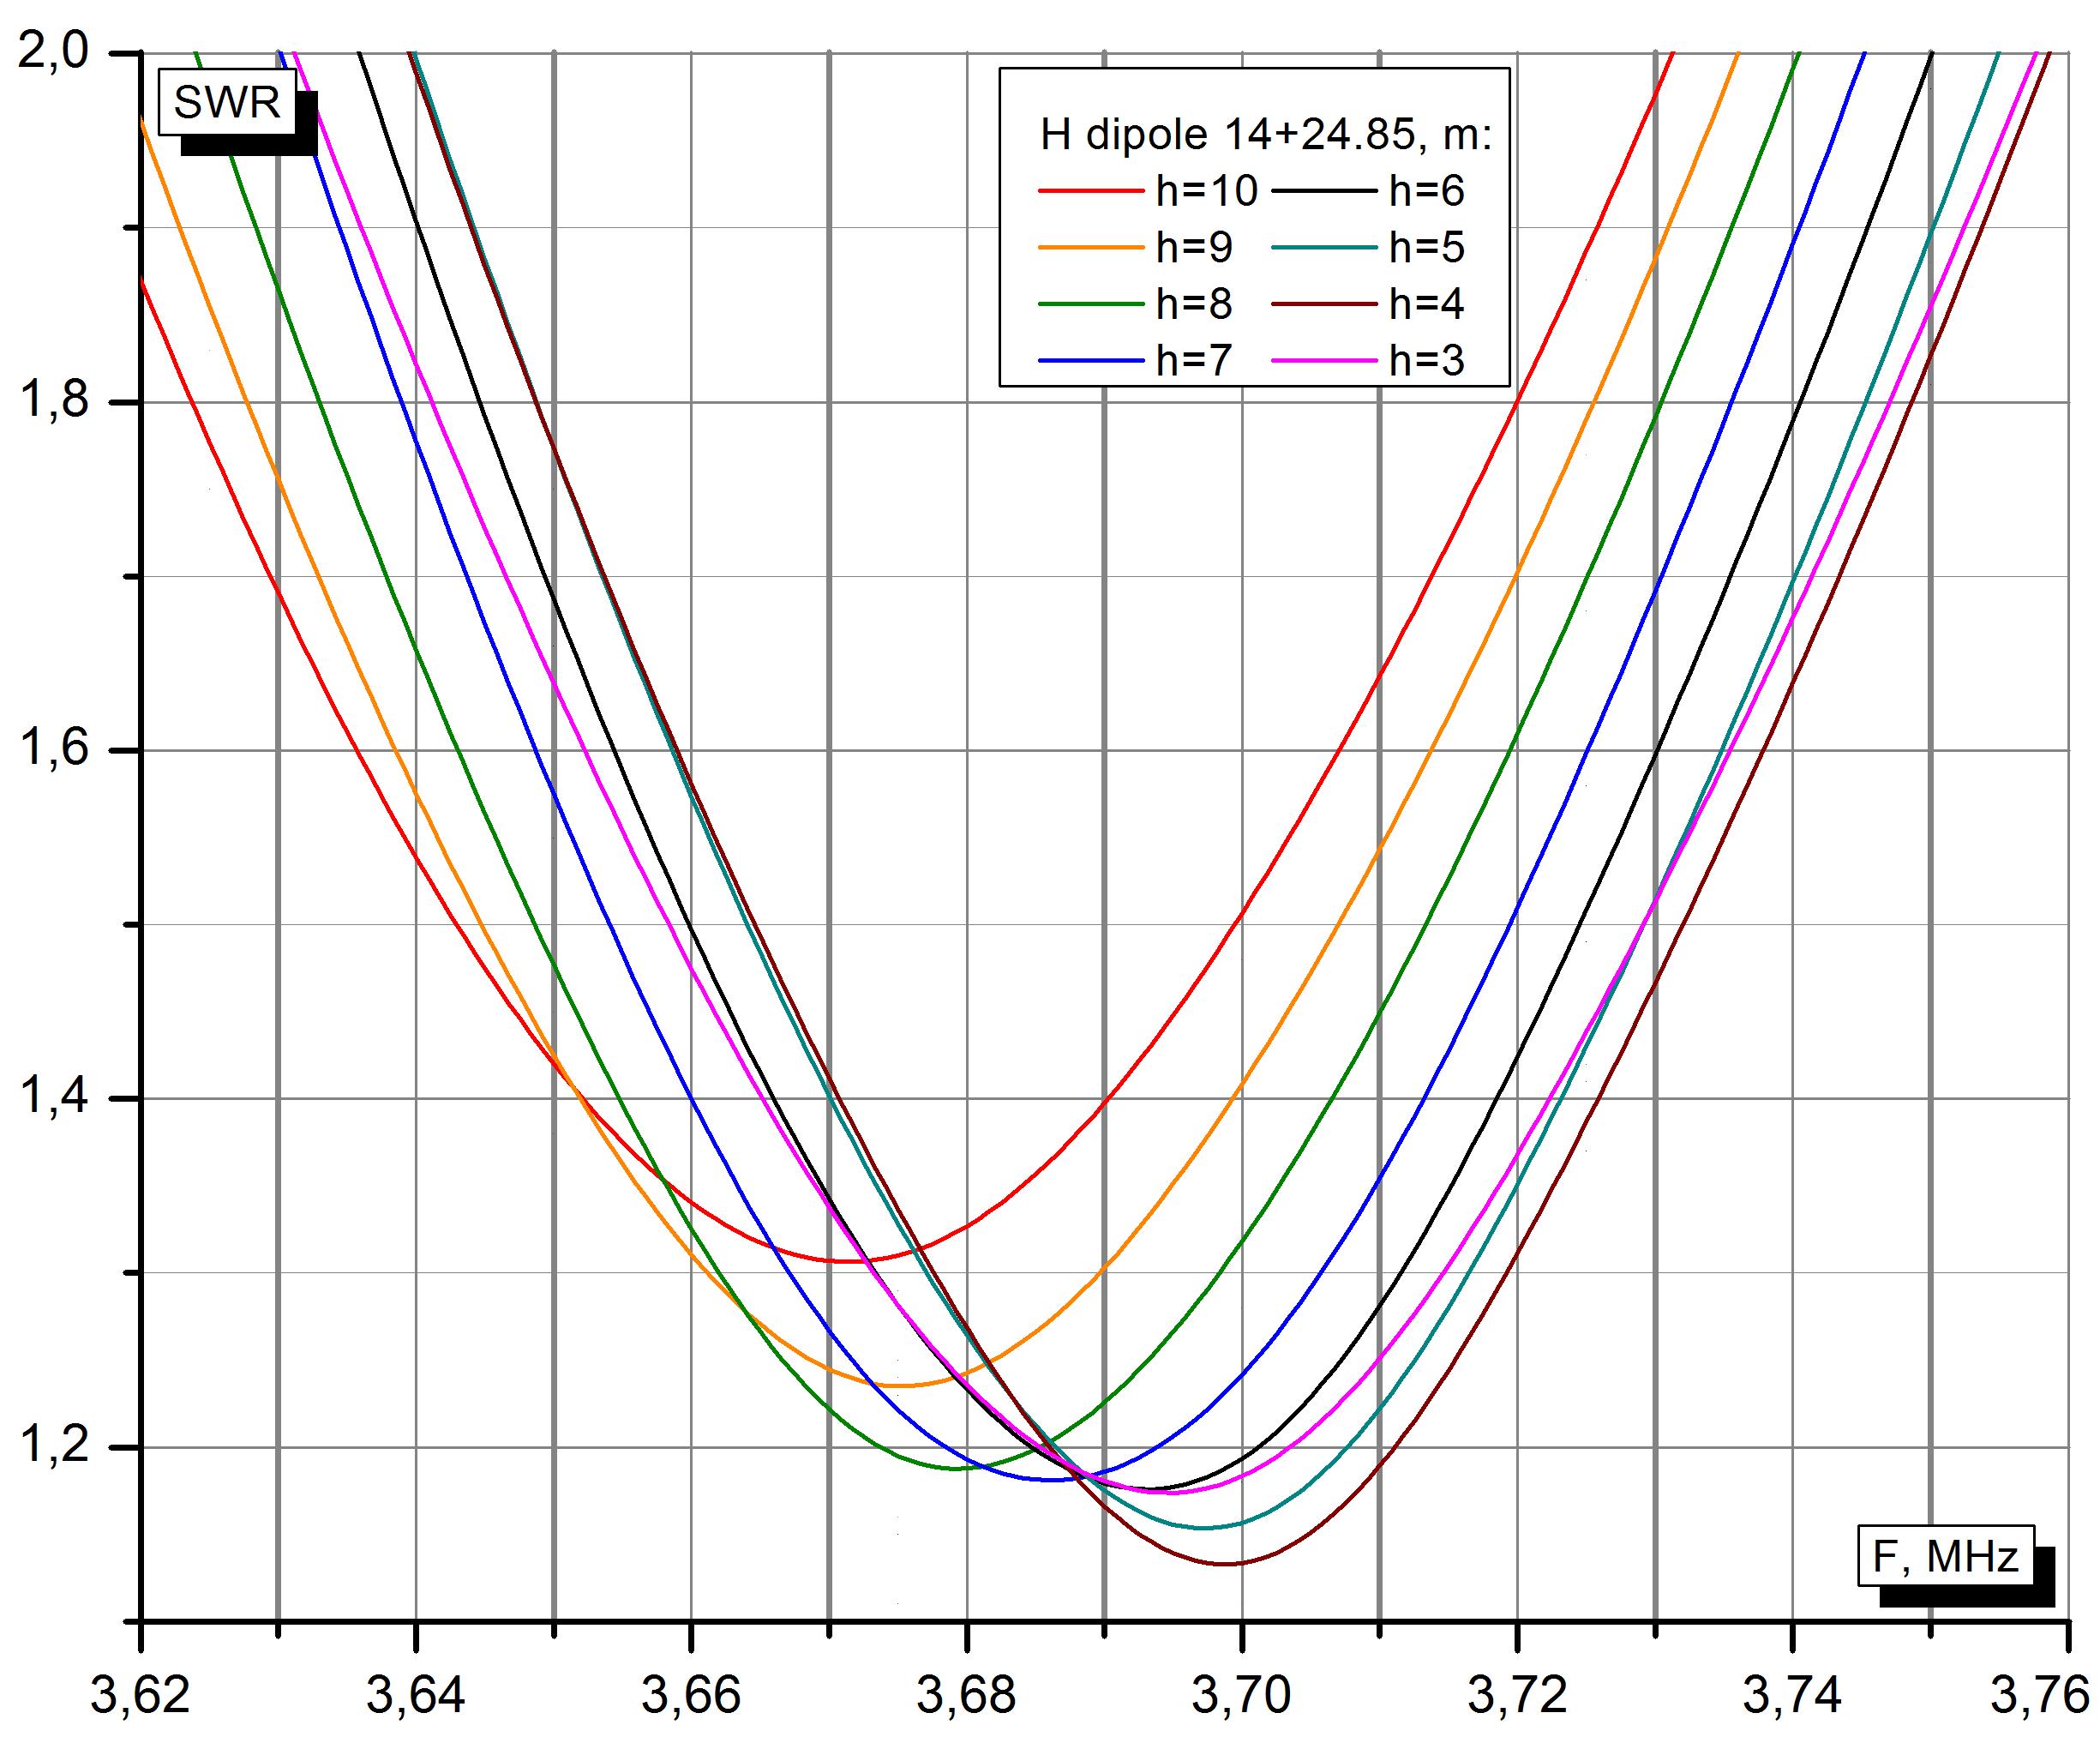 КСВ EndFed диполя вблизи частоты 3.688 МГц, подвешенного на разной высоте.